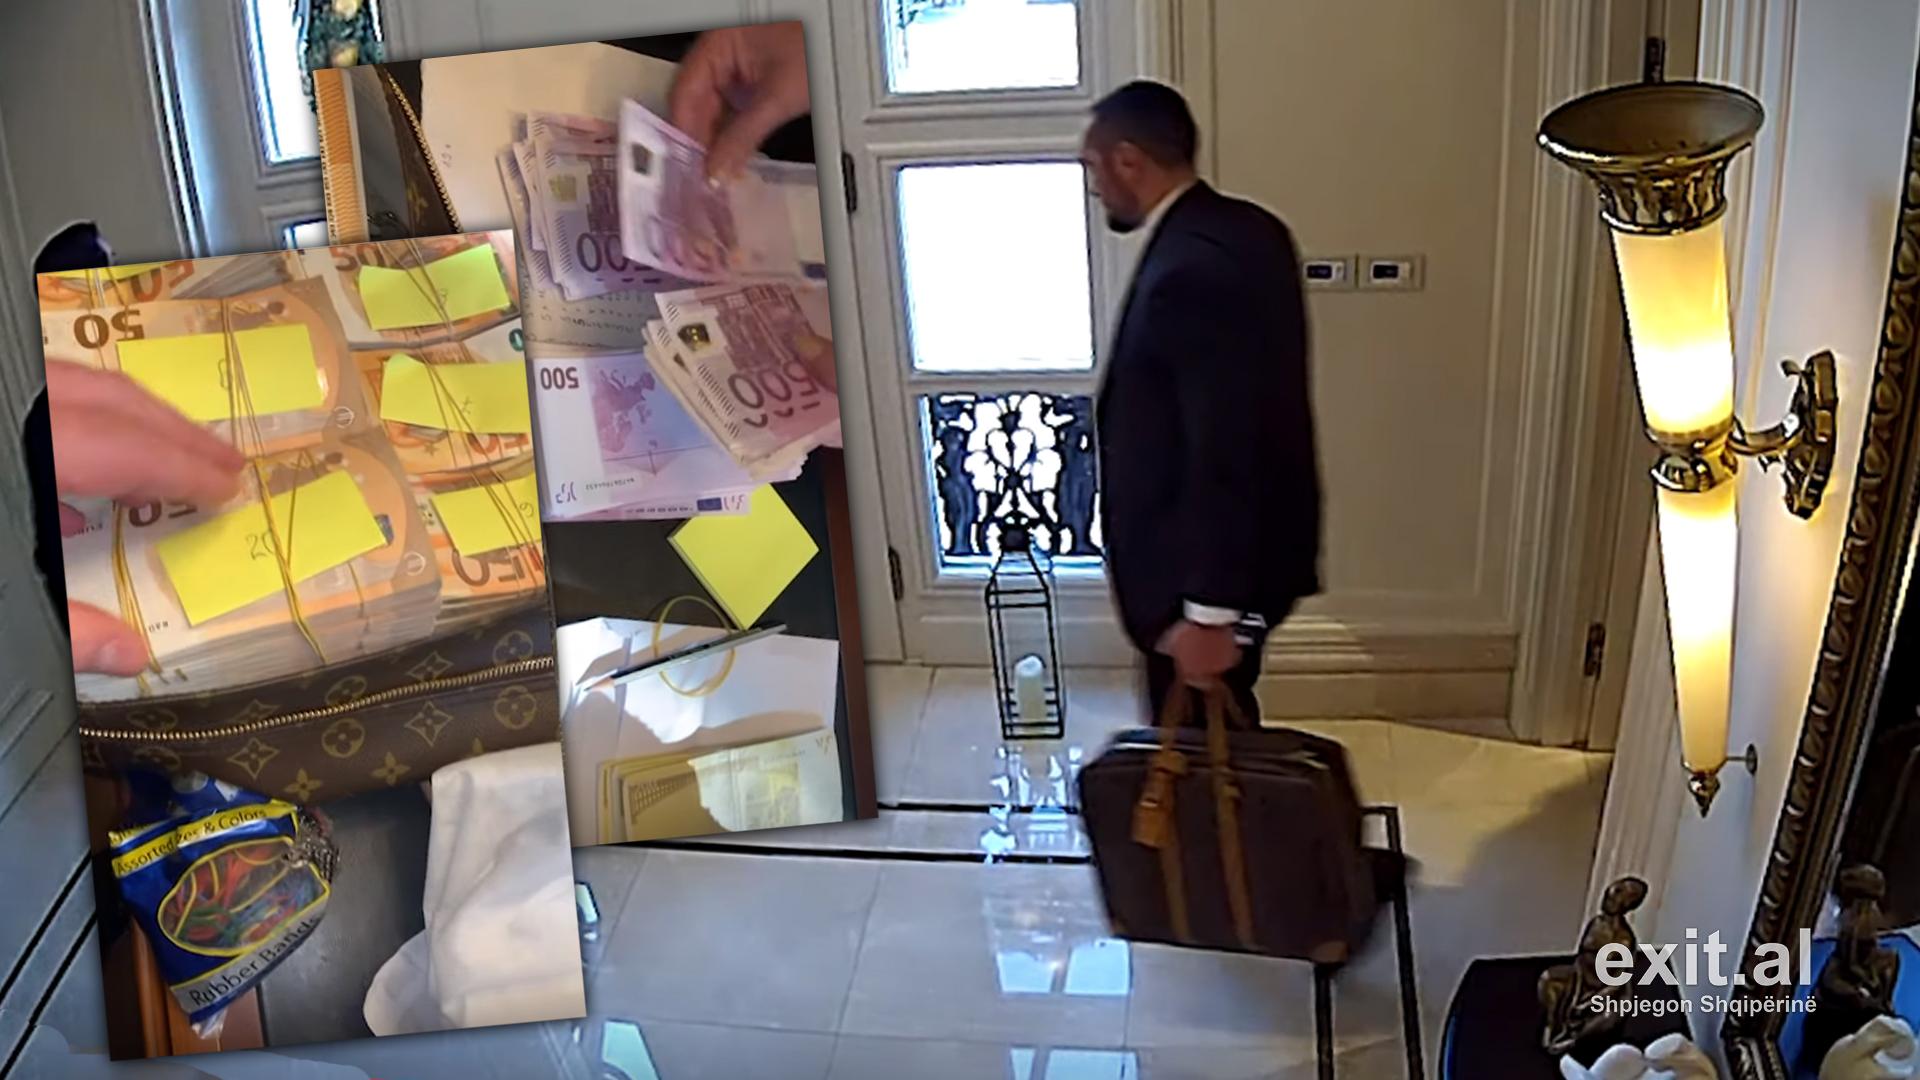 Prokuroria që u ngrit nga BE në Maqedoninë e Veriut përfshihet në një skandal korrupsioni